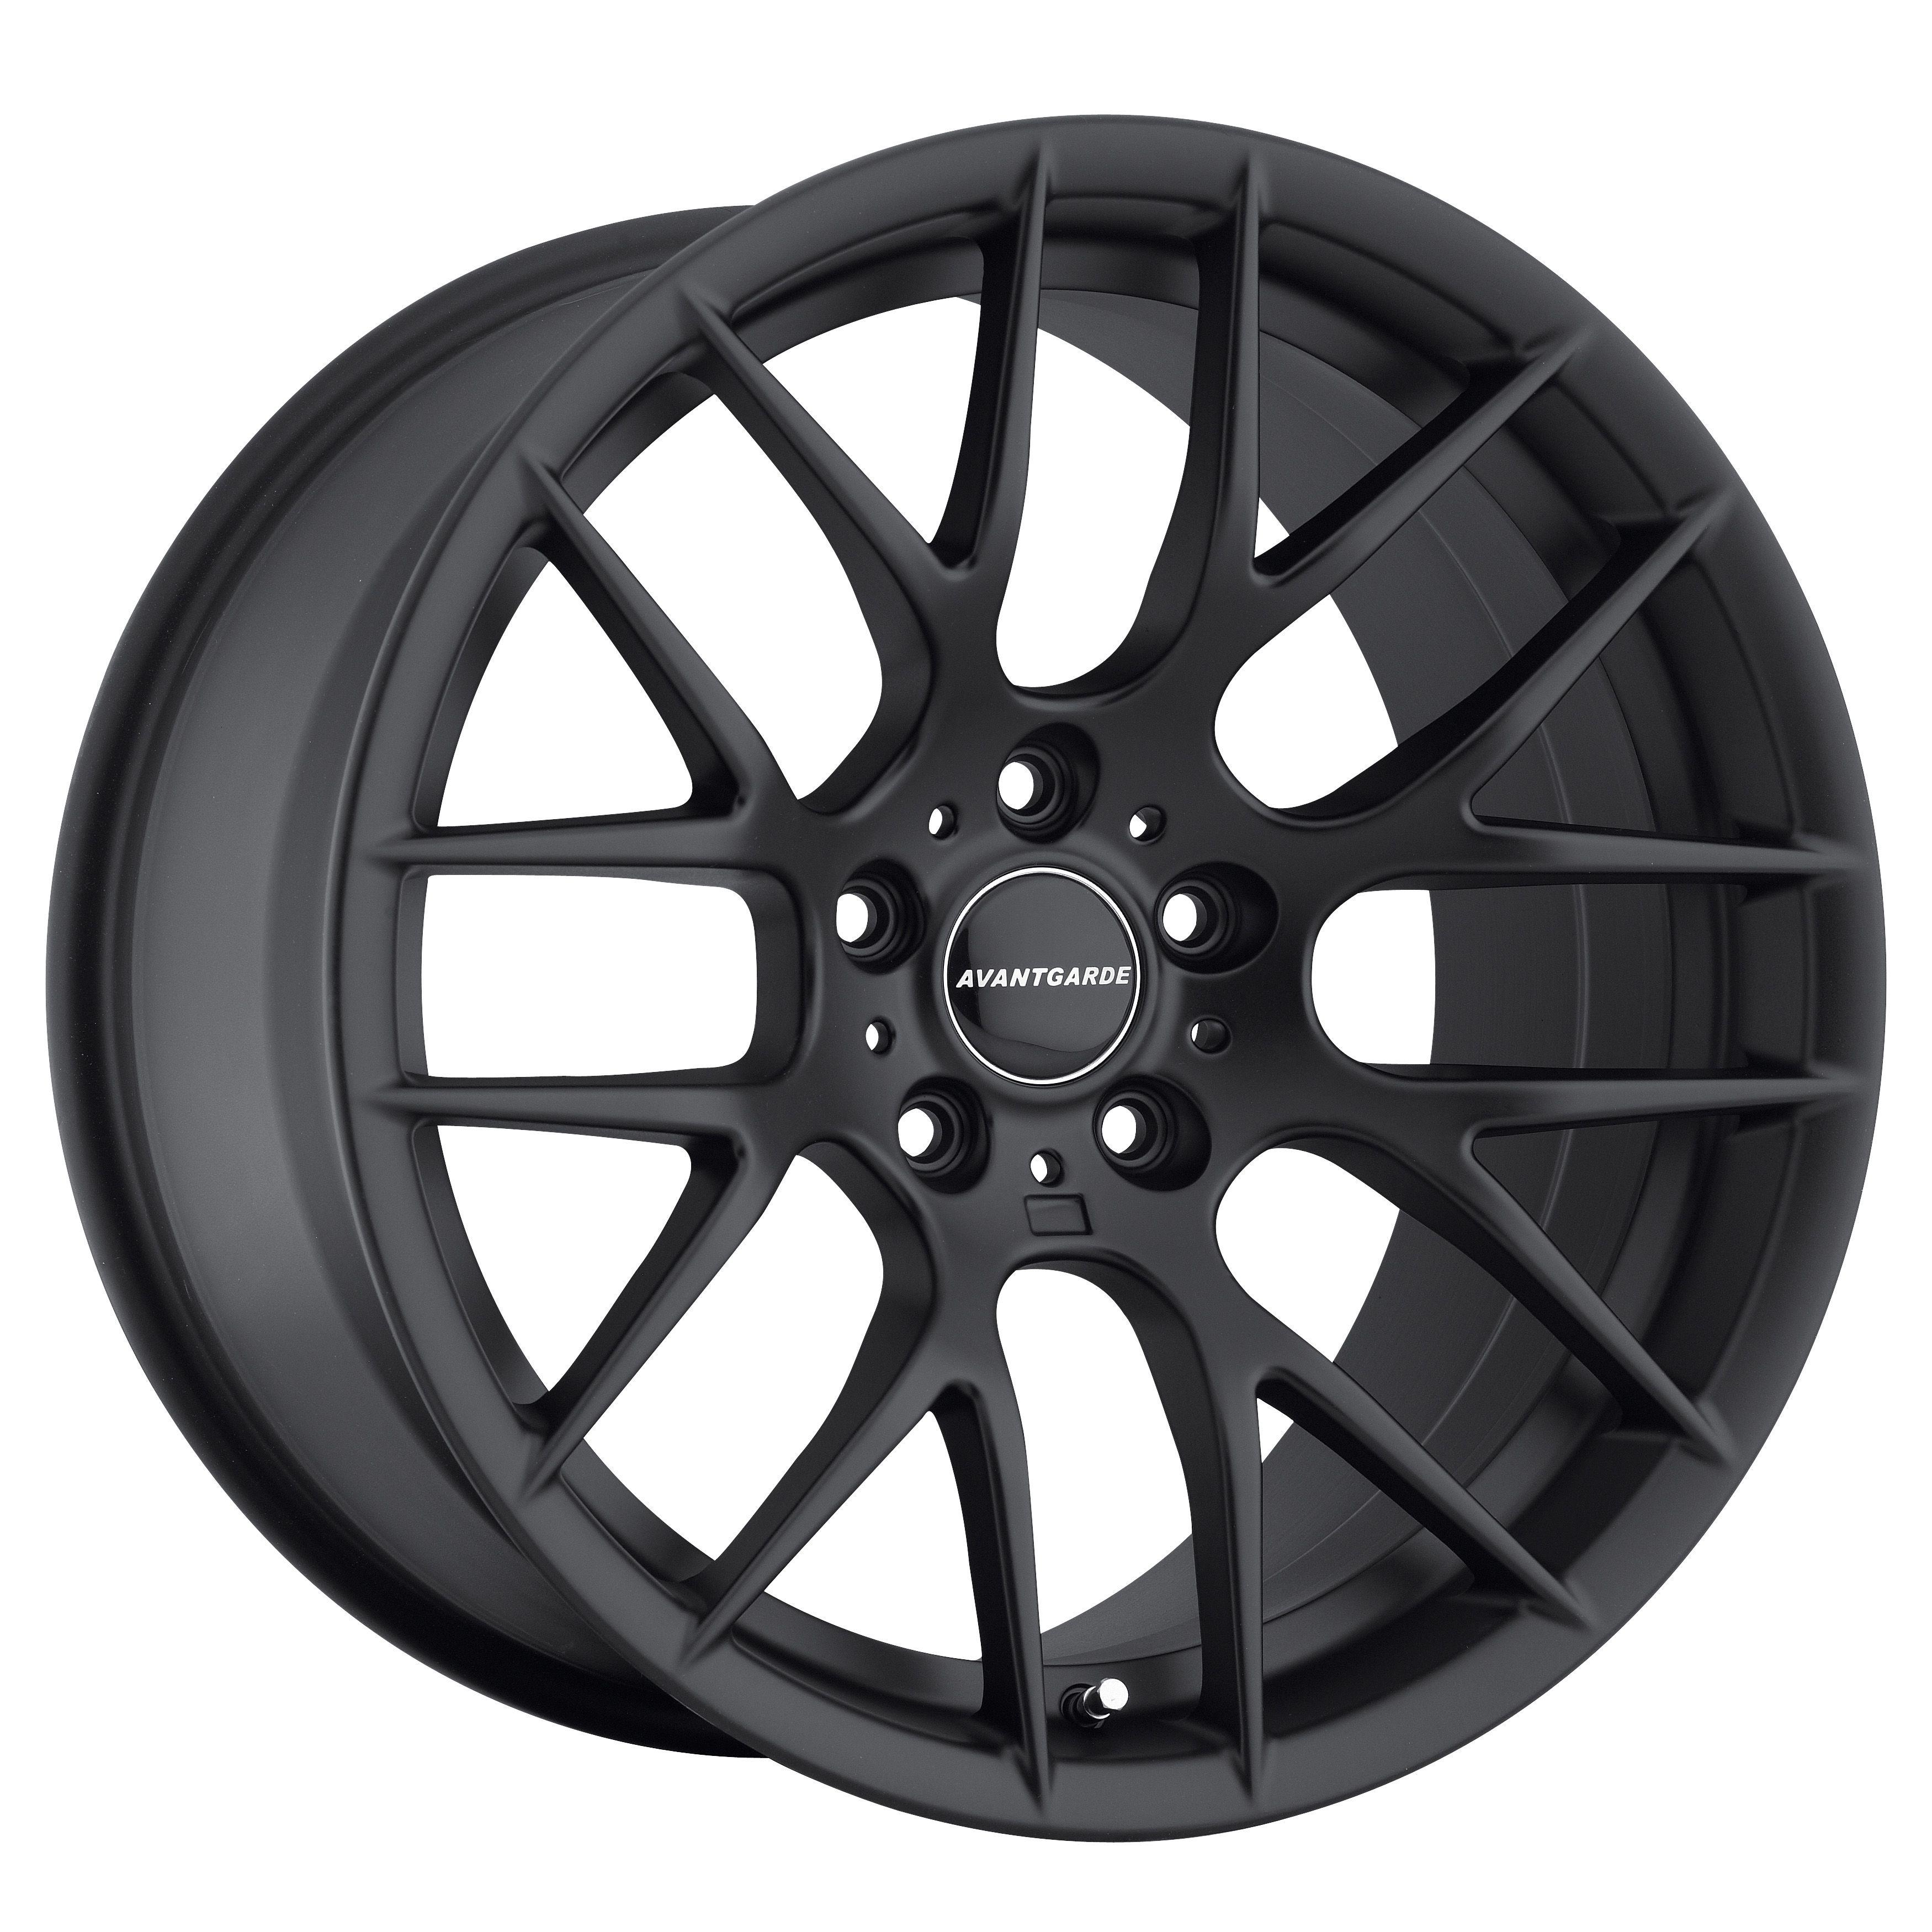 18 Avant Garde M359 Matte Black Wheels Rims Fit BMW 323 325 328 330